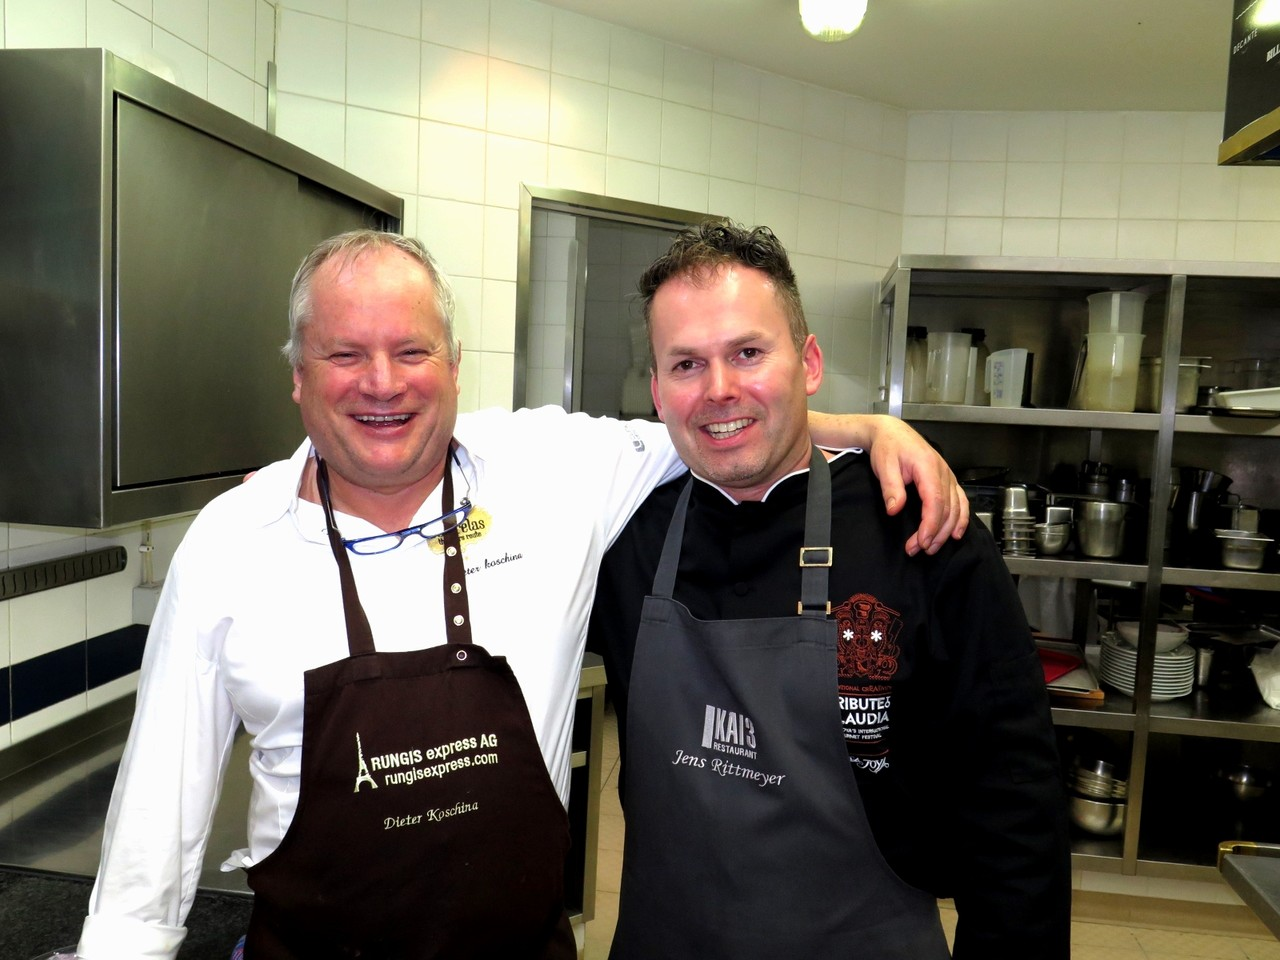 Dieter Koschina & Jens Rittmeyer